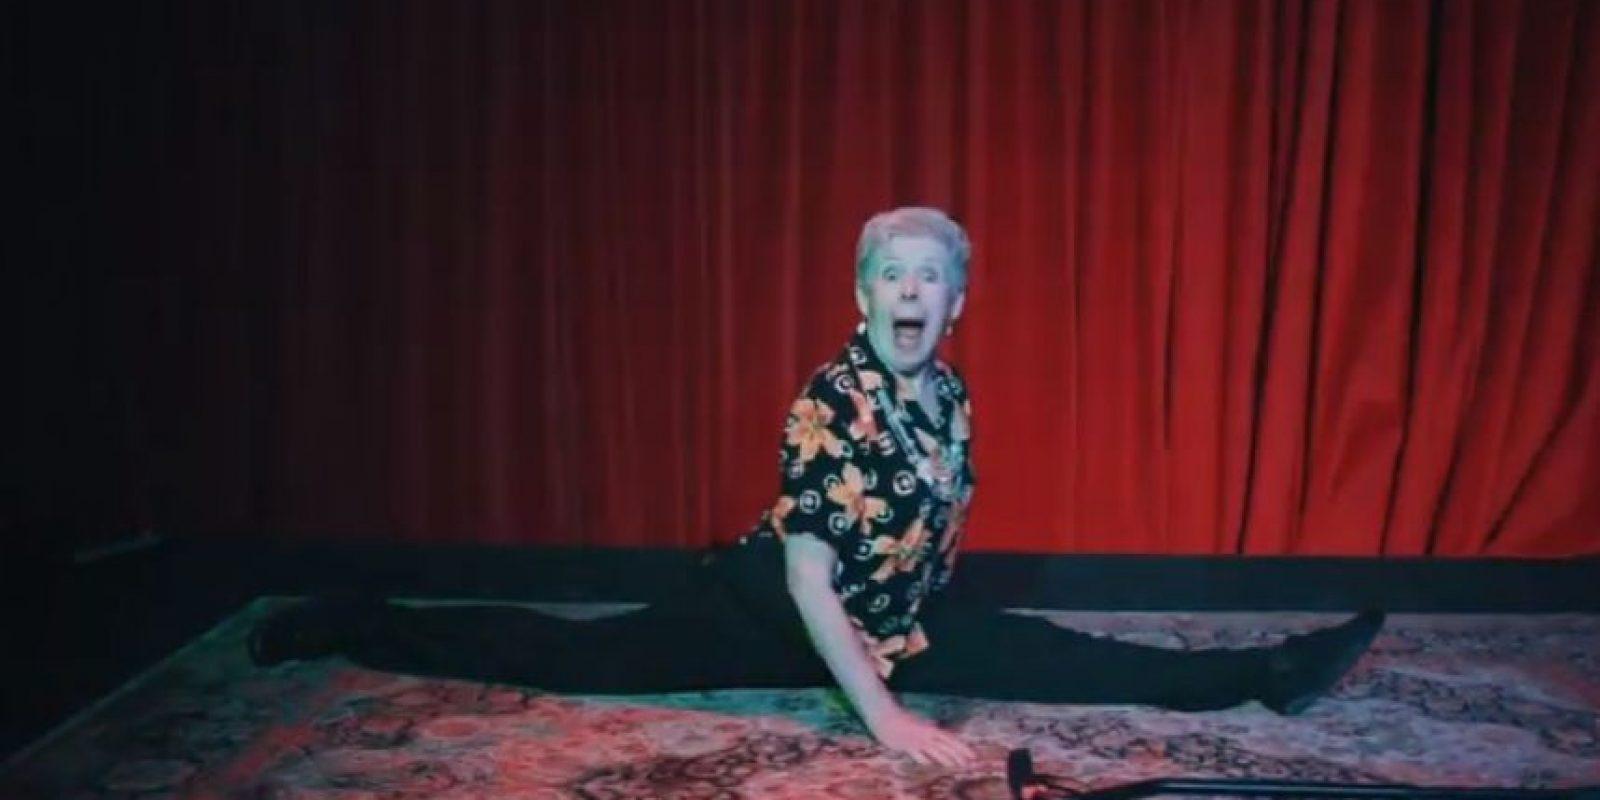 Esta mujer tiene 92 años y miren lo que puede hacer Foto:YouTube/alex boye